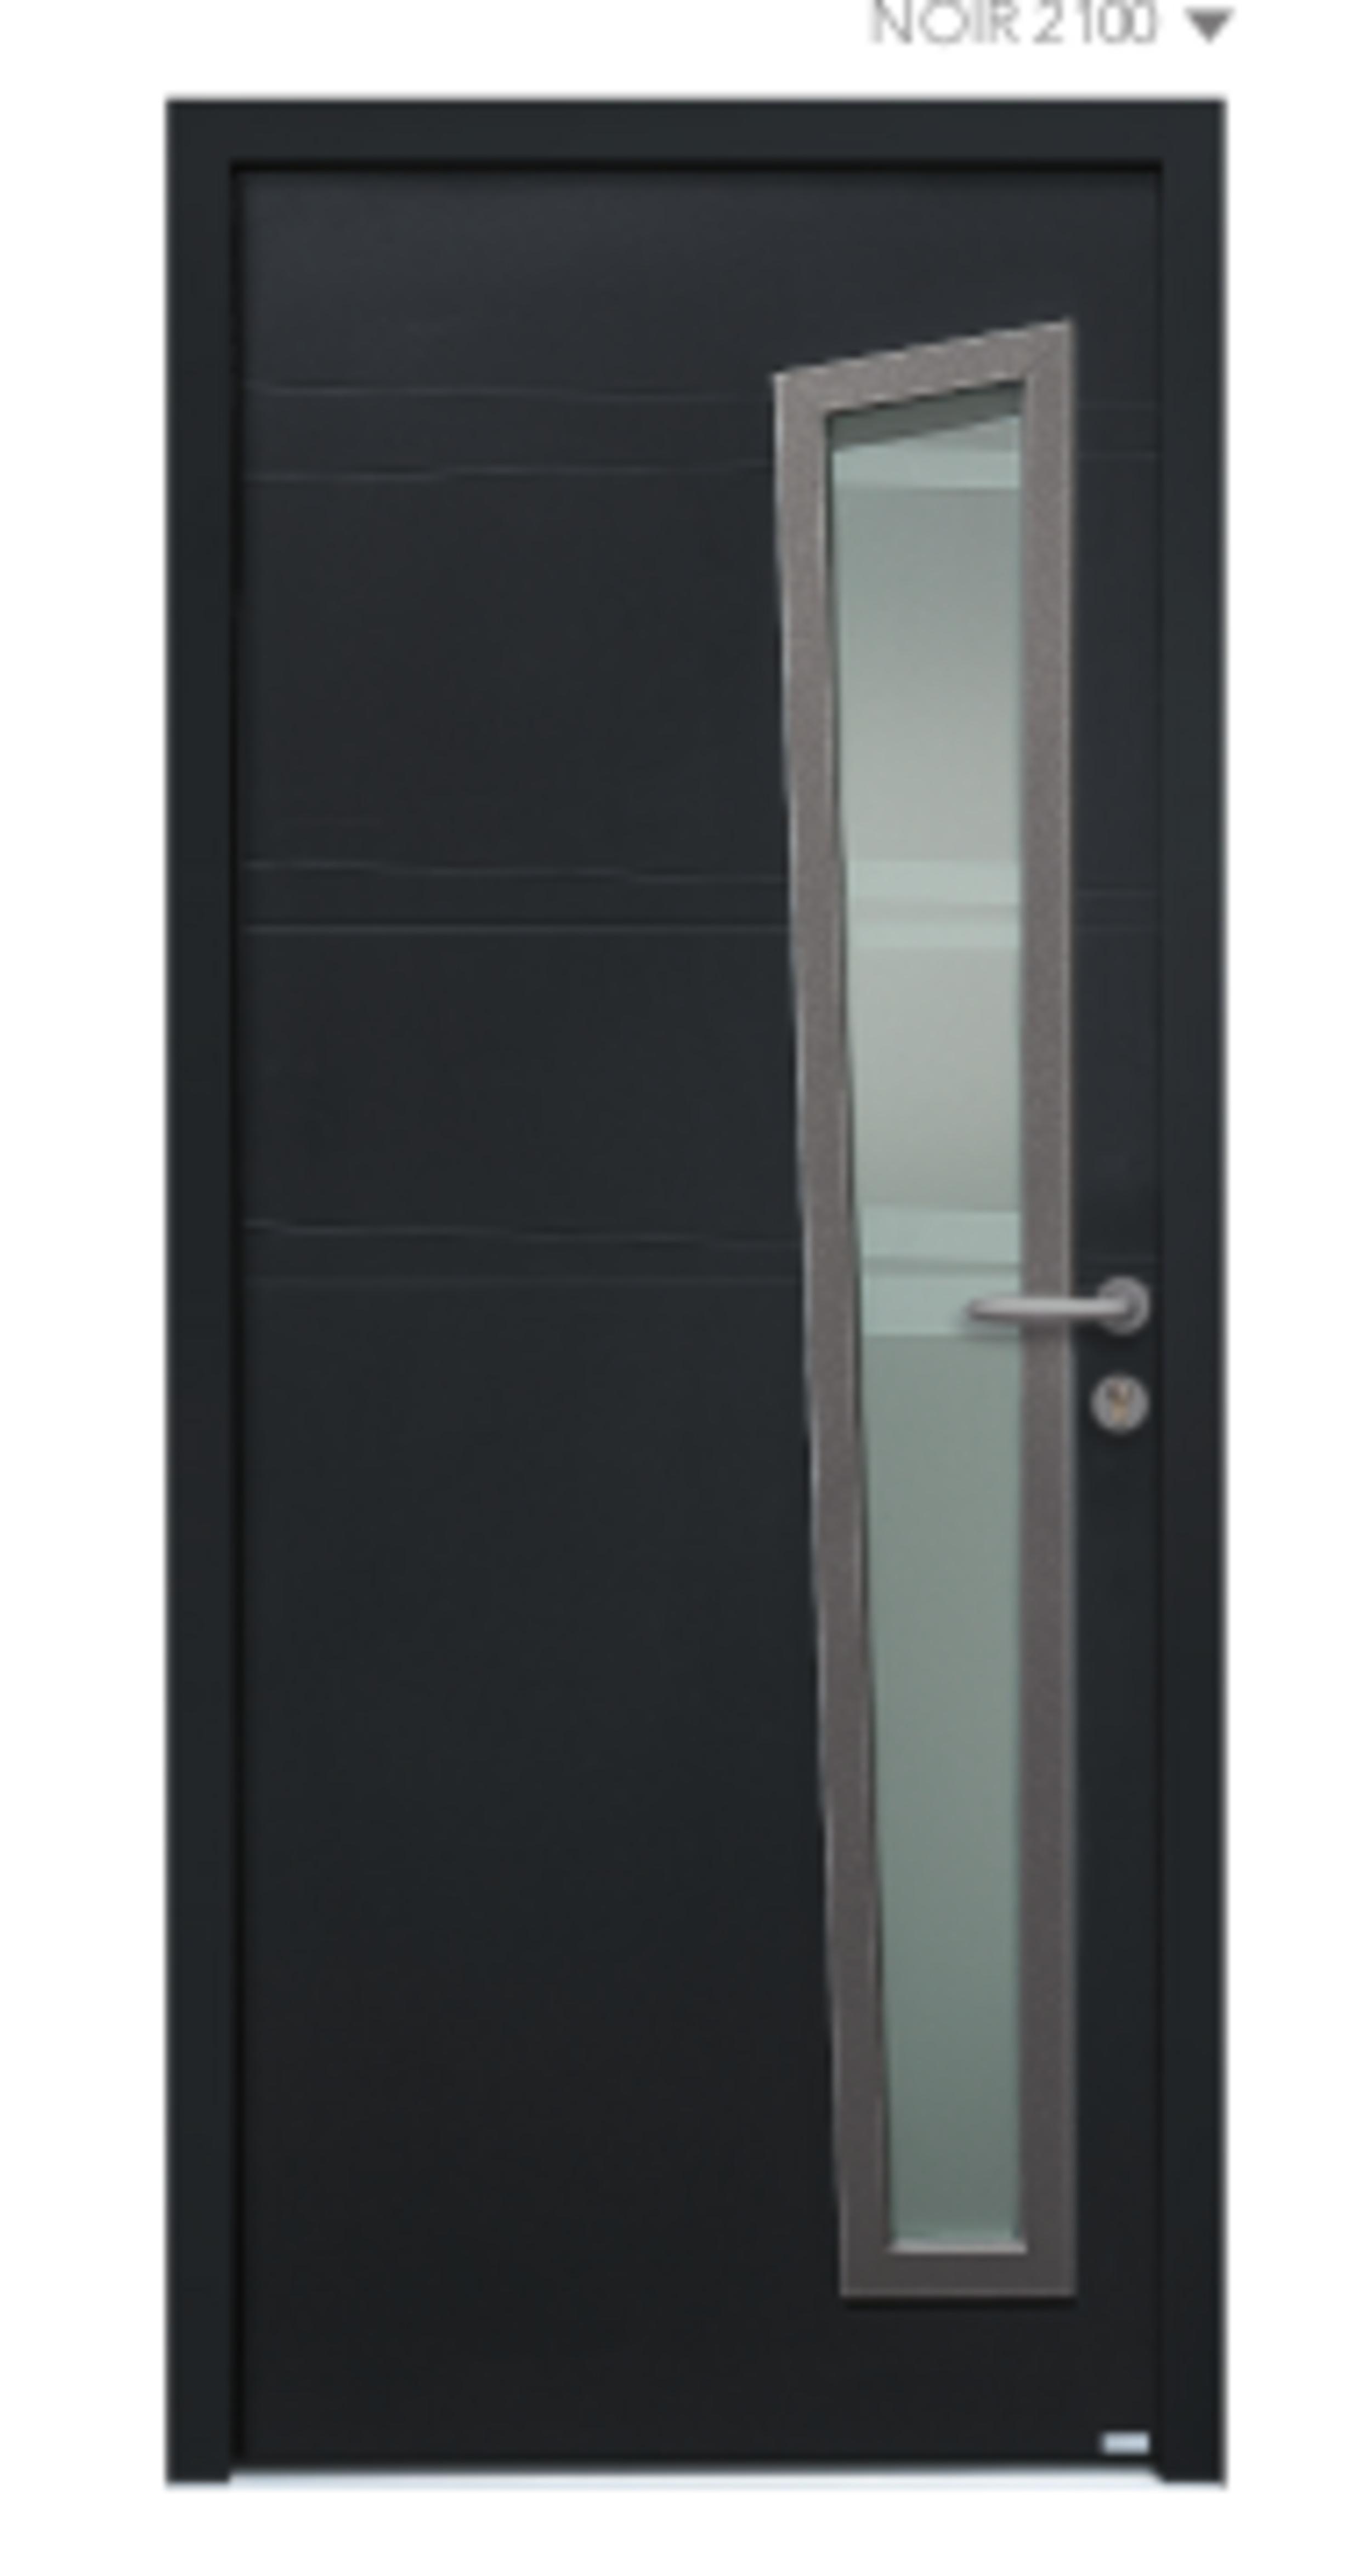 BEL''M-Expérience - Porte d''entrée noir semi vitrée aluminium